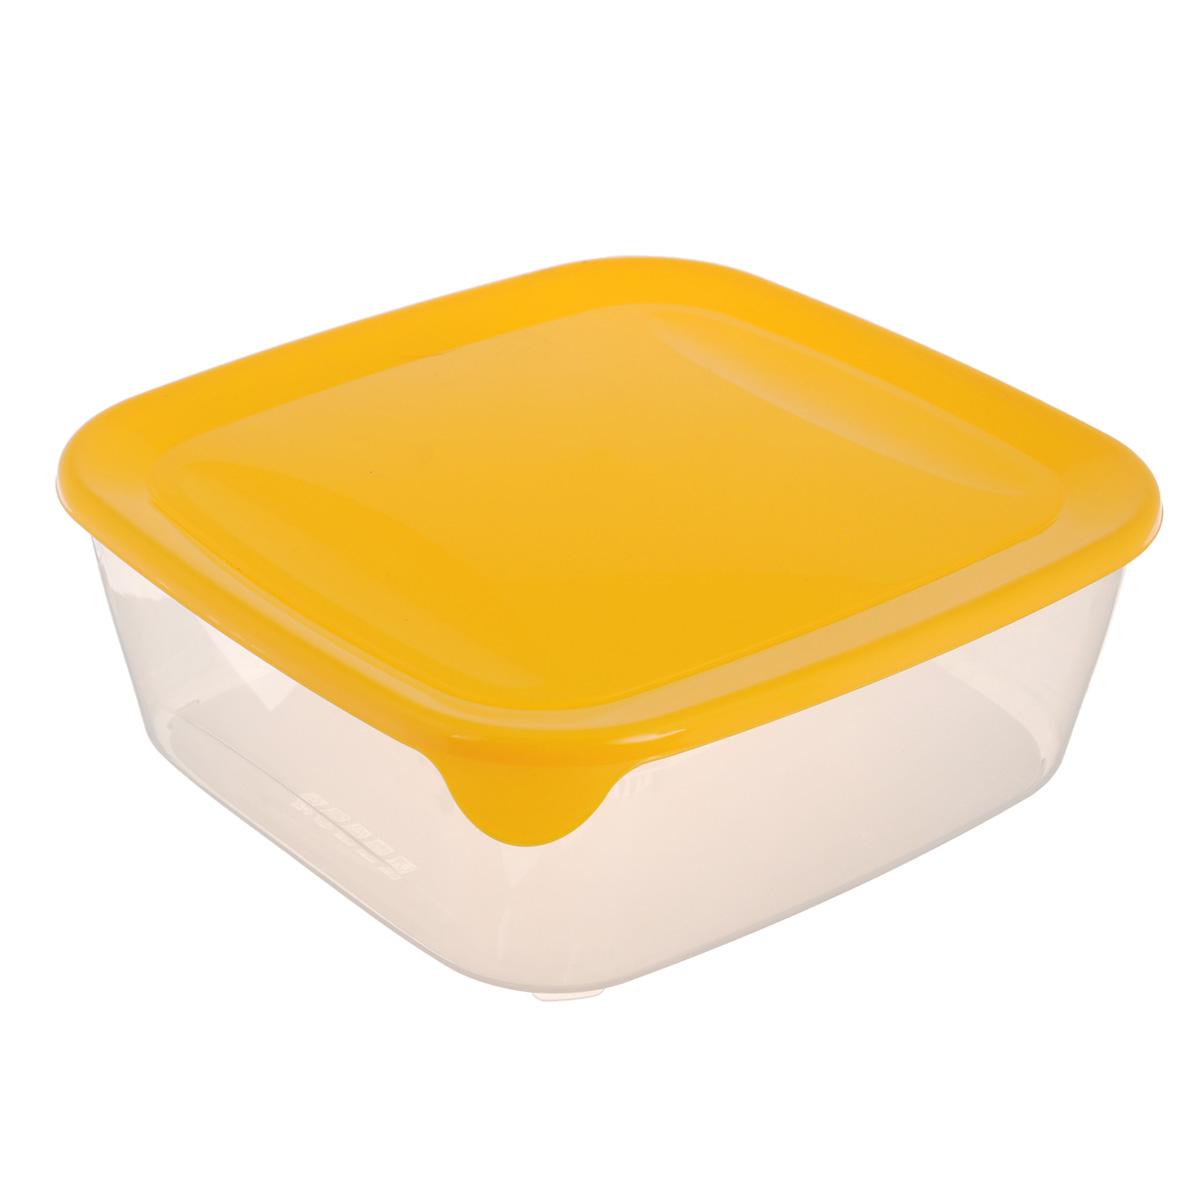 Емкость для заморозки и СВЧ Curver Fresh & Go, цвет: желтый, 1,7 л00561-007-01Квадратная емкость для заморозки и СВЧ Curver Fresh & Go изготовлена из высококачественного пищевого пластика (BPA free), который выдерживает температуру от -40°С до +100°С. Стенки емкости прозрачные, а крышка цветная. Она плотно закрывается, дольше сохраняя продукты свежими и вкусными. Емкость удобно брать с собой на работу, учебу, пикник или просто использовать для хранения пищи в холодильнике. Можно использовать в микроволновой печи и для заморозки в морозильной камере. Можно мыть в посудомоечной машине.